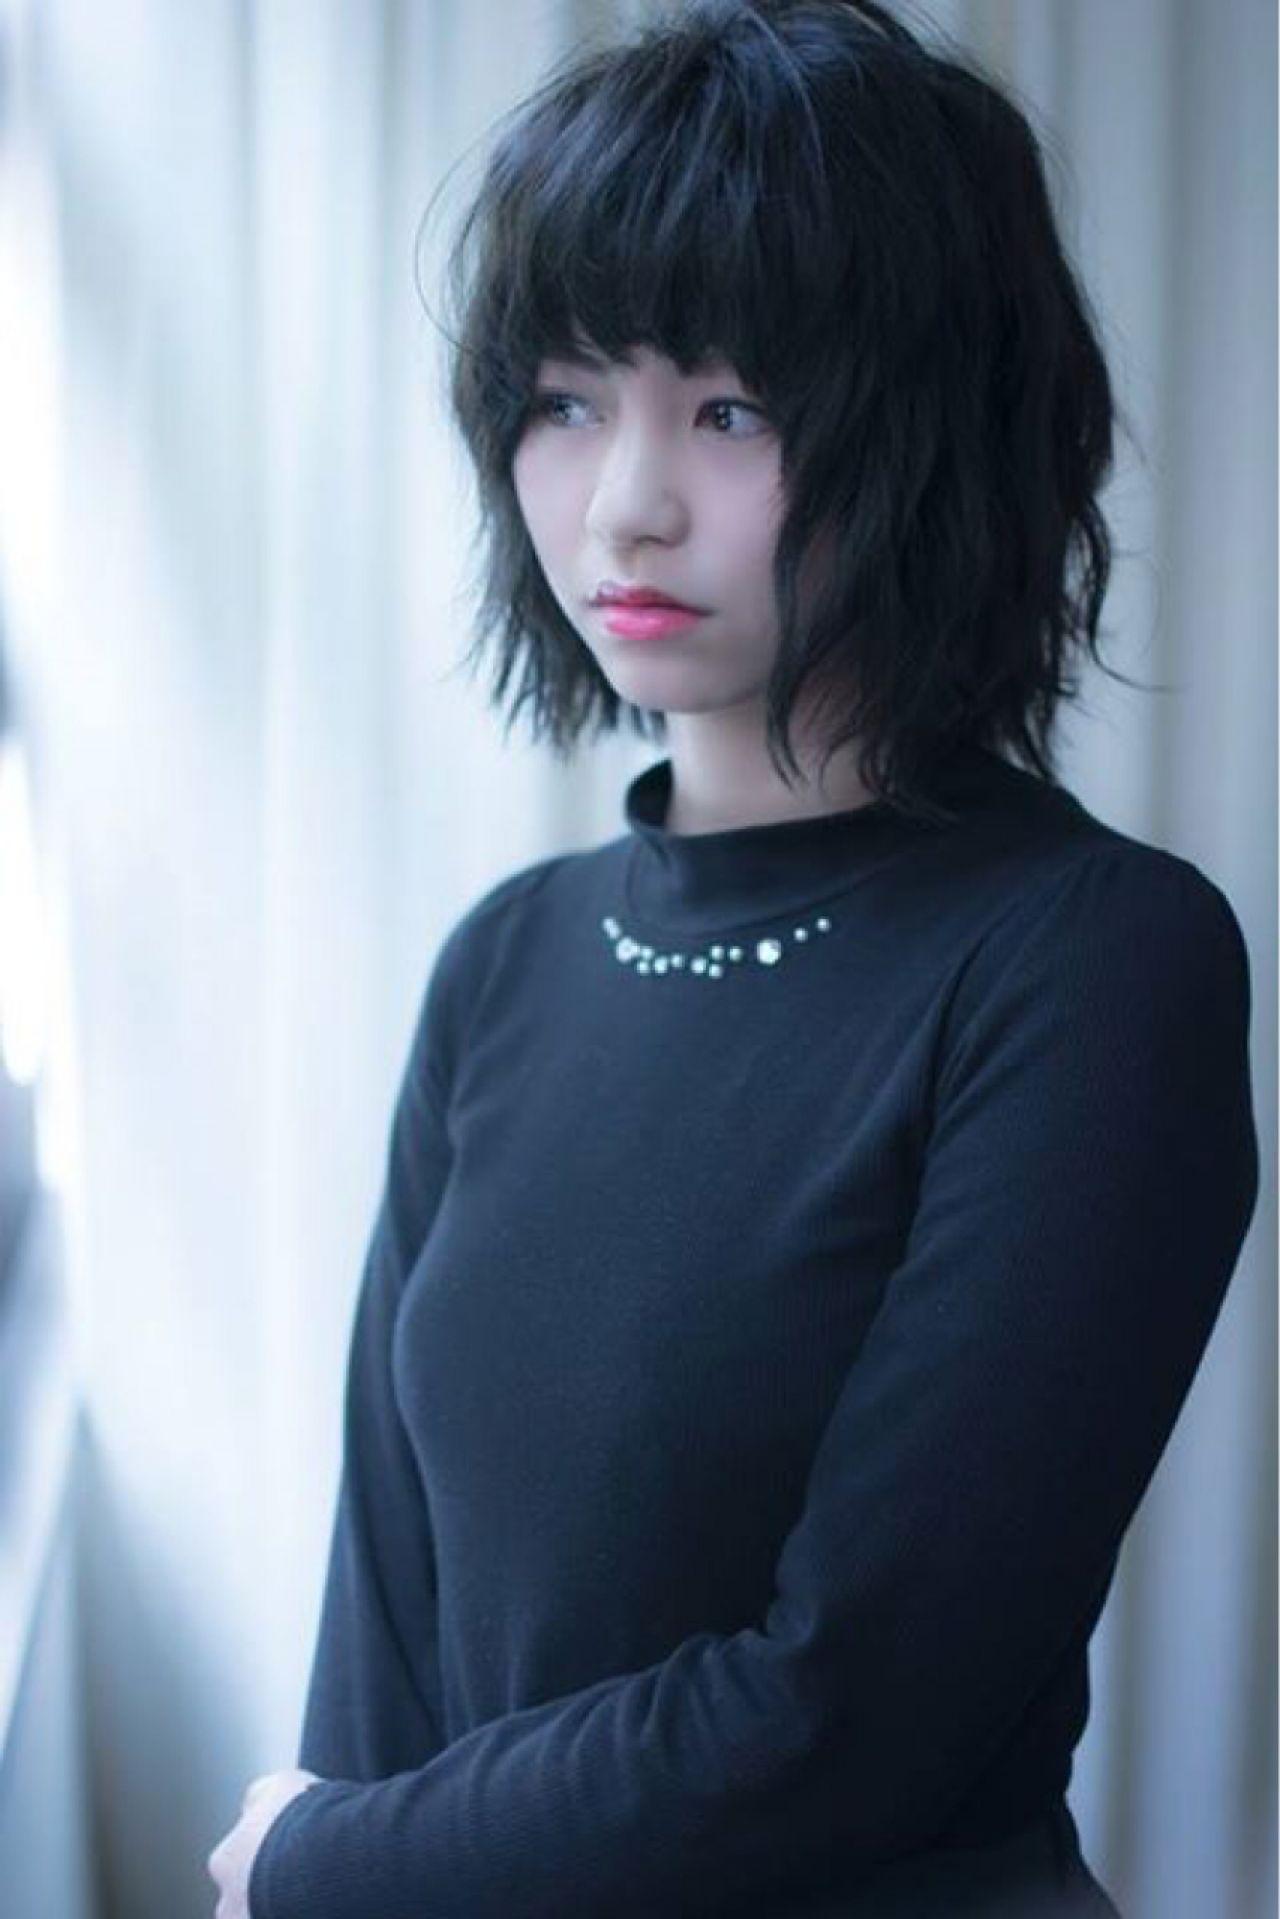 ウェーブ 暗髪 黒髪 ストリート ヘアスタイルや髪型の写真・画像 | 田渕 英和/vicushair / vicushair